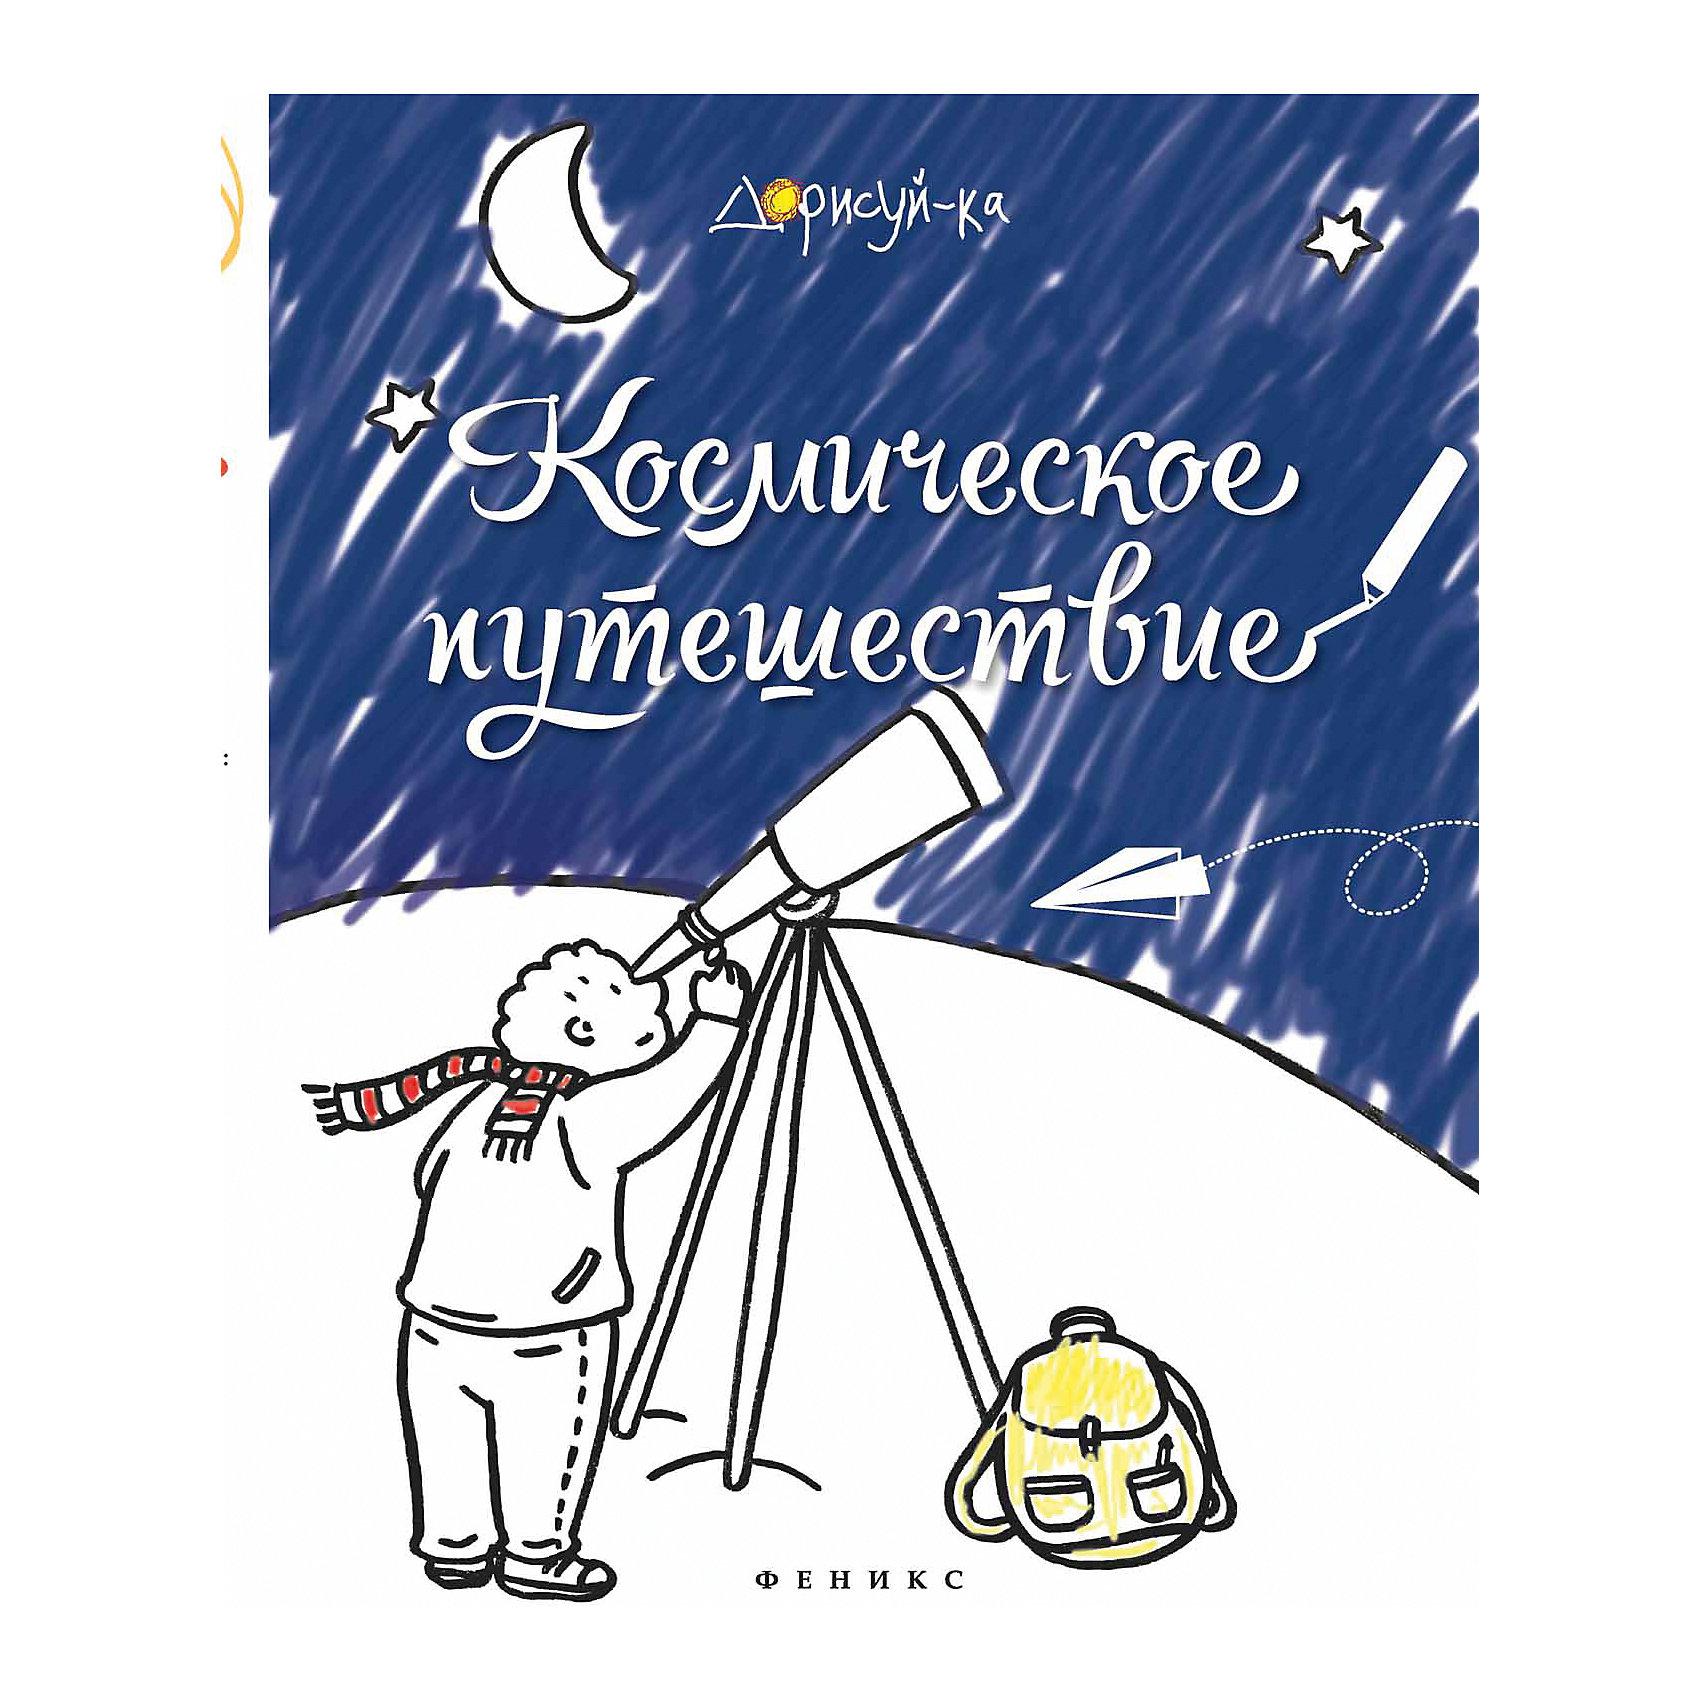 Раскраска Космическое путешествиеРисование<br>Книжка-раскраска Космическое путешествие<br><br>Характеристики: <br><br>• Кол-во страниц: 16<br>• ISBN: 9785222252628<br>• Возраст: 0+<br>• Обложка: мягкая <br>• Формат: а4<br><br>Эта раскраска позволяет ребенку не только раскрашивать уже готовые иллюстрации, но и дополнять их или создавать самому. На страницах этой книги изображено множество ситуаций, начиная от обычной жизни городка, заканчивая увлекательным полетом в космос, изучая которые ребенок сможет сам придумывать персонажей и их истории.<br><br>Книжка-раскраска Космическое путешествие можно купить в нашем интернет-магазине.<br><br>Ширина мм: 260<br>Глубина мм: 199<br>Высота мм: 20<br>Вес г: 65<br>Возраст от месяцев: -2147483648<br>Возраст до месяцев: 2147483647<br>Пол: Унисекс<br>Возраст: Детский<br>SKU: 5464504